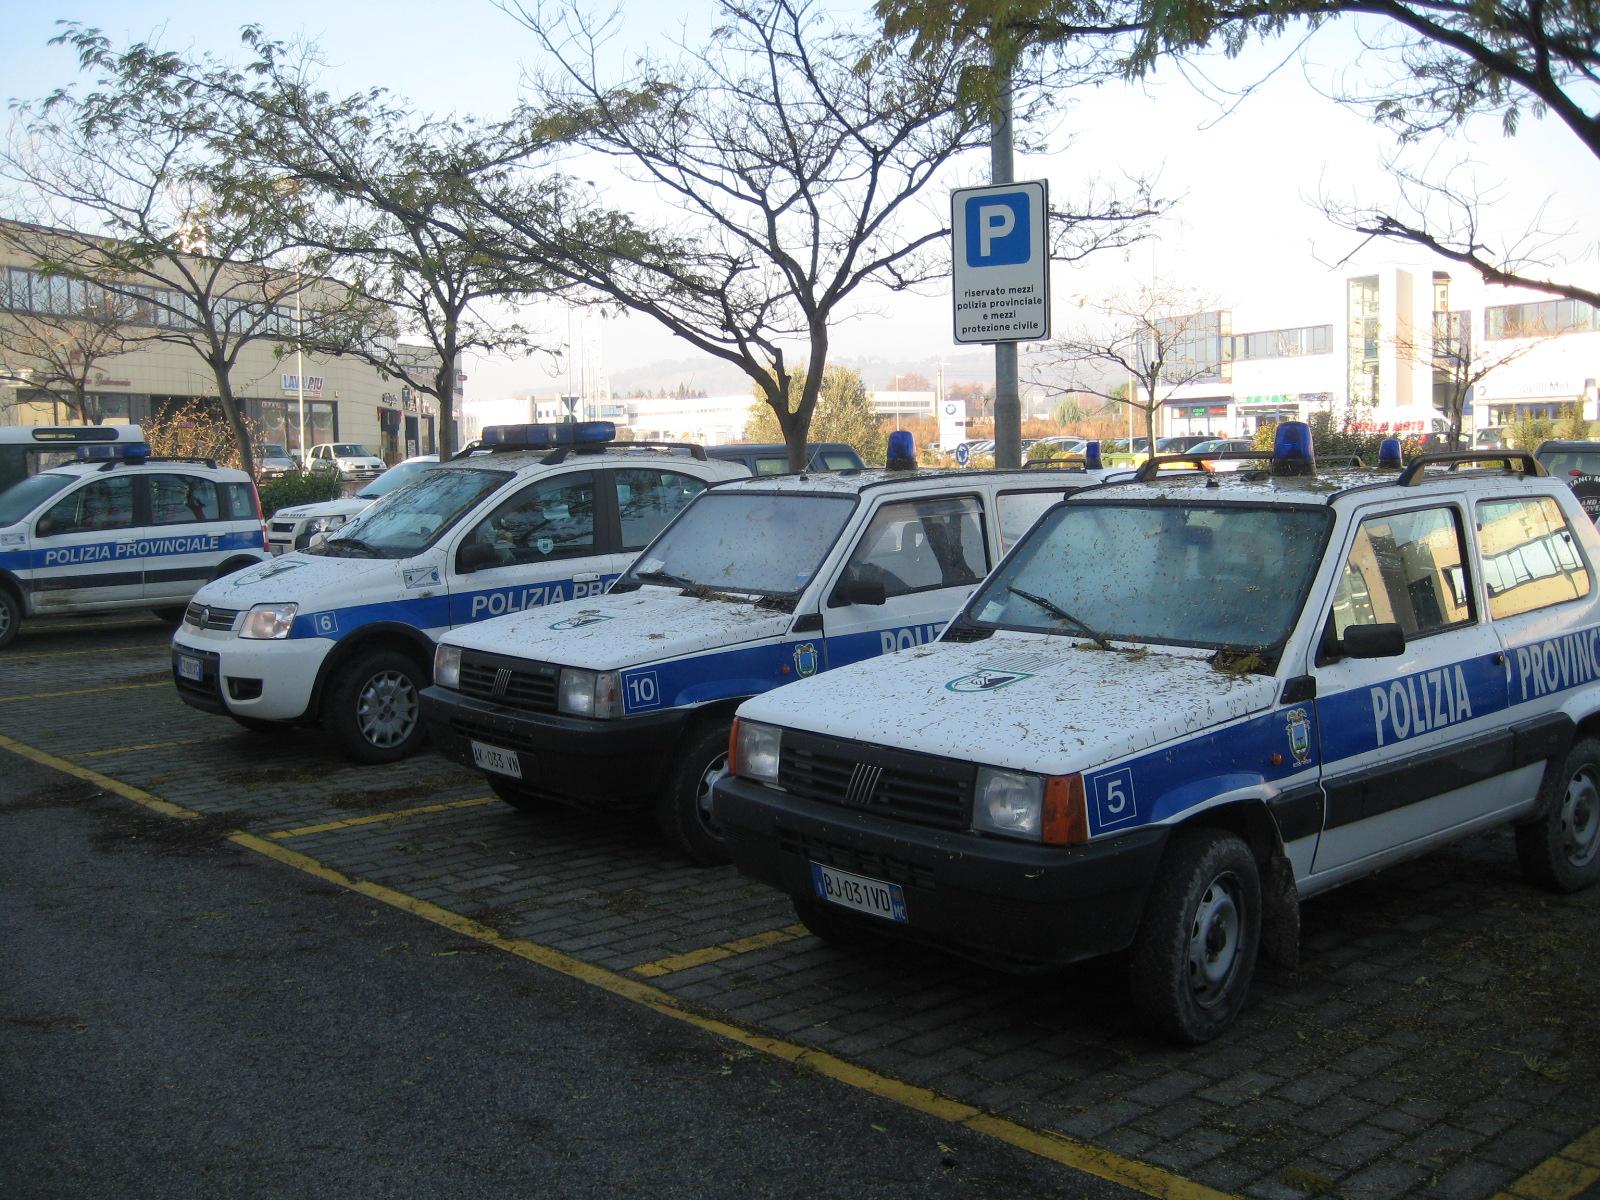 polizia provinciale CONTROLLI AMBIENTALI 083